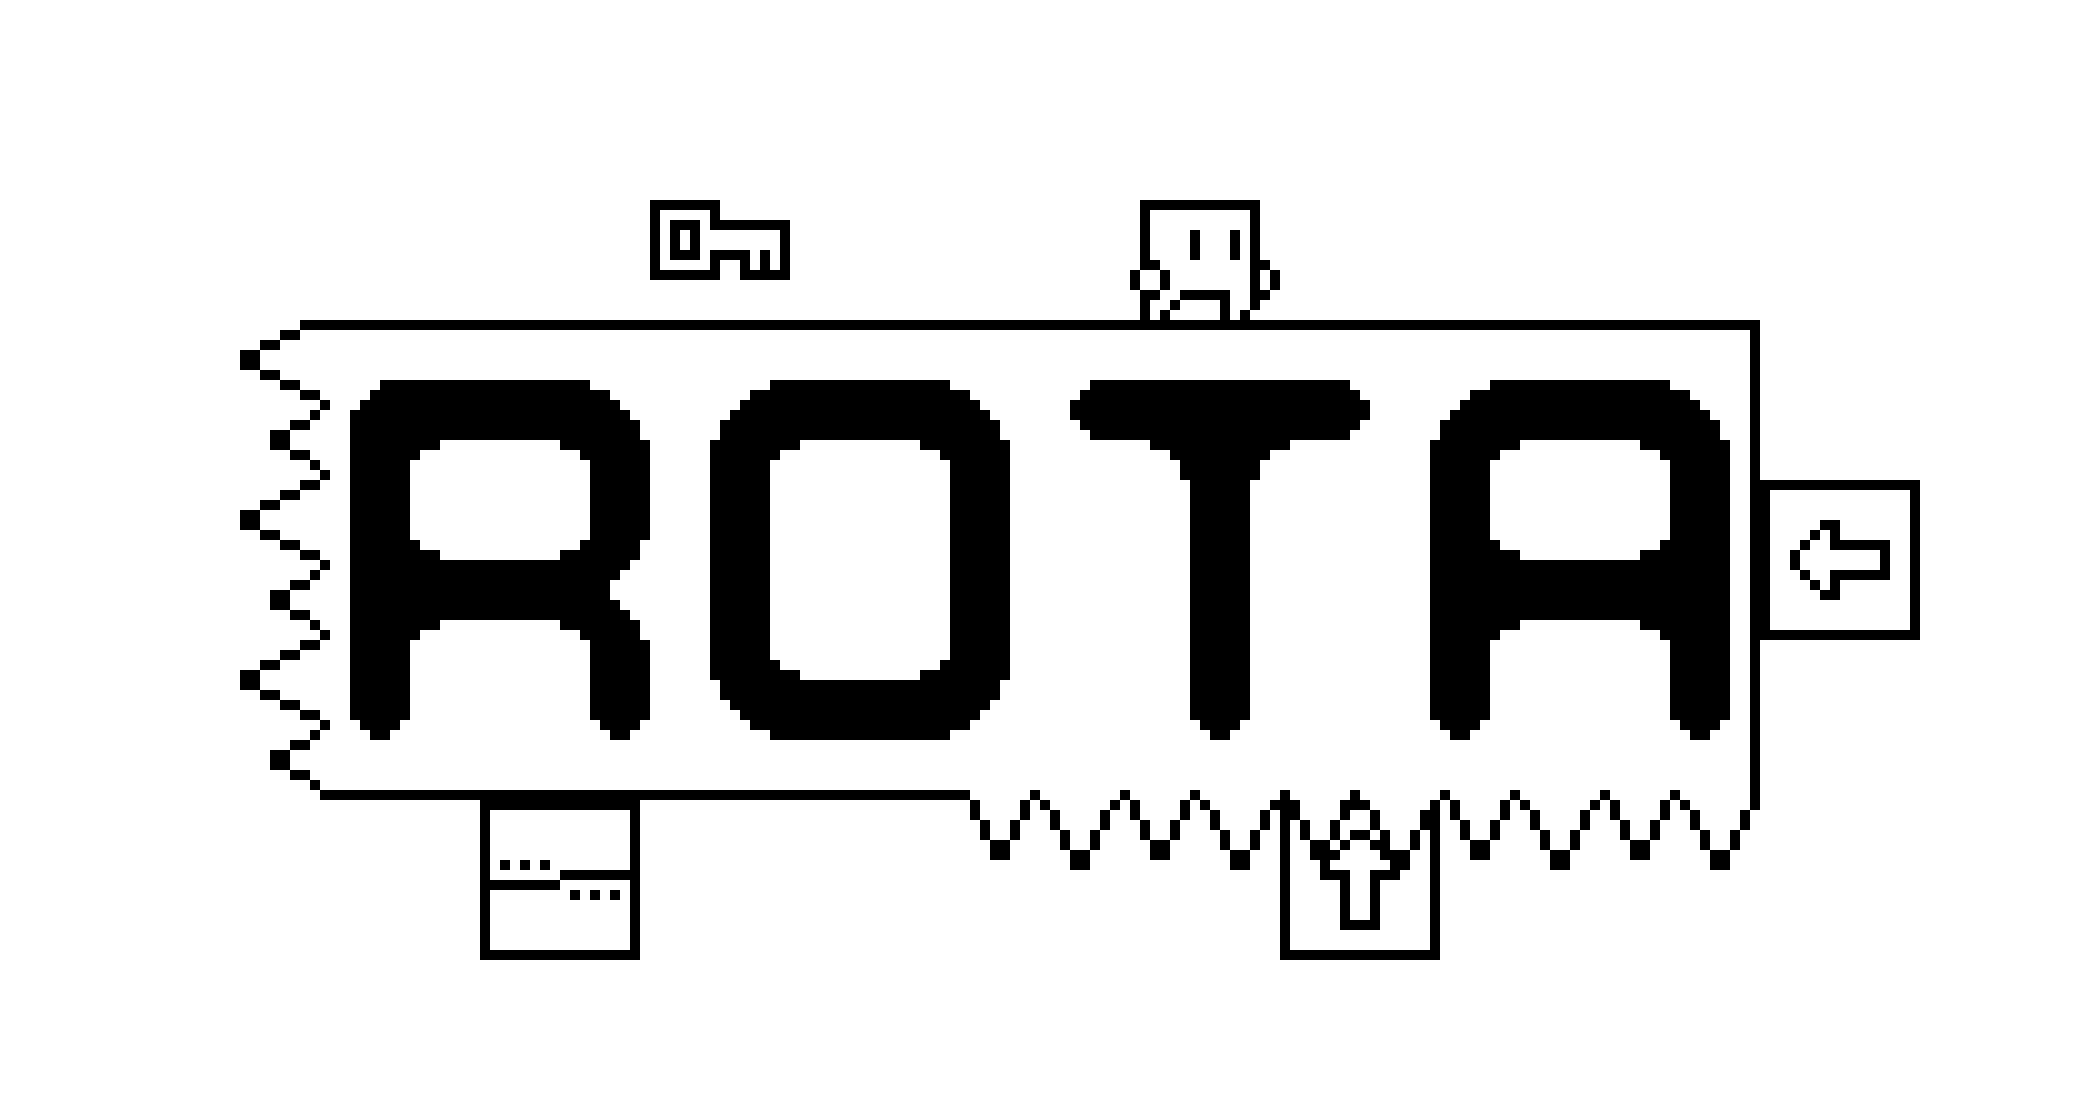 rota game